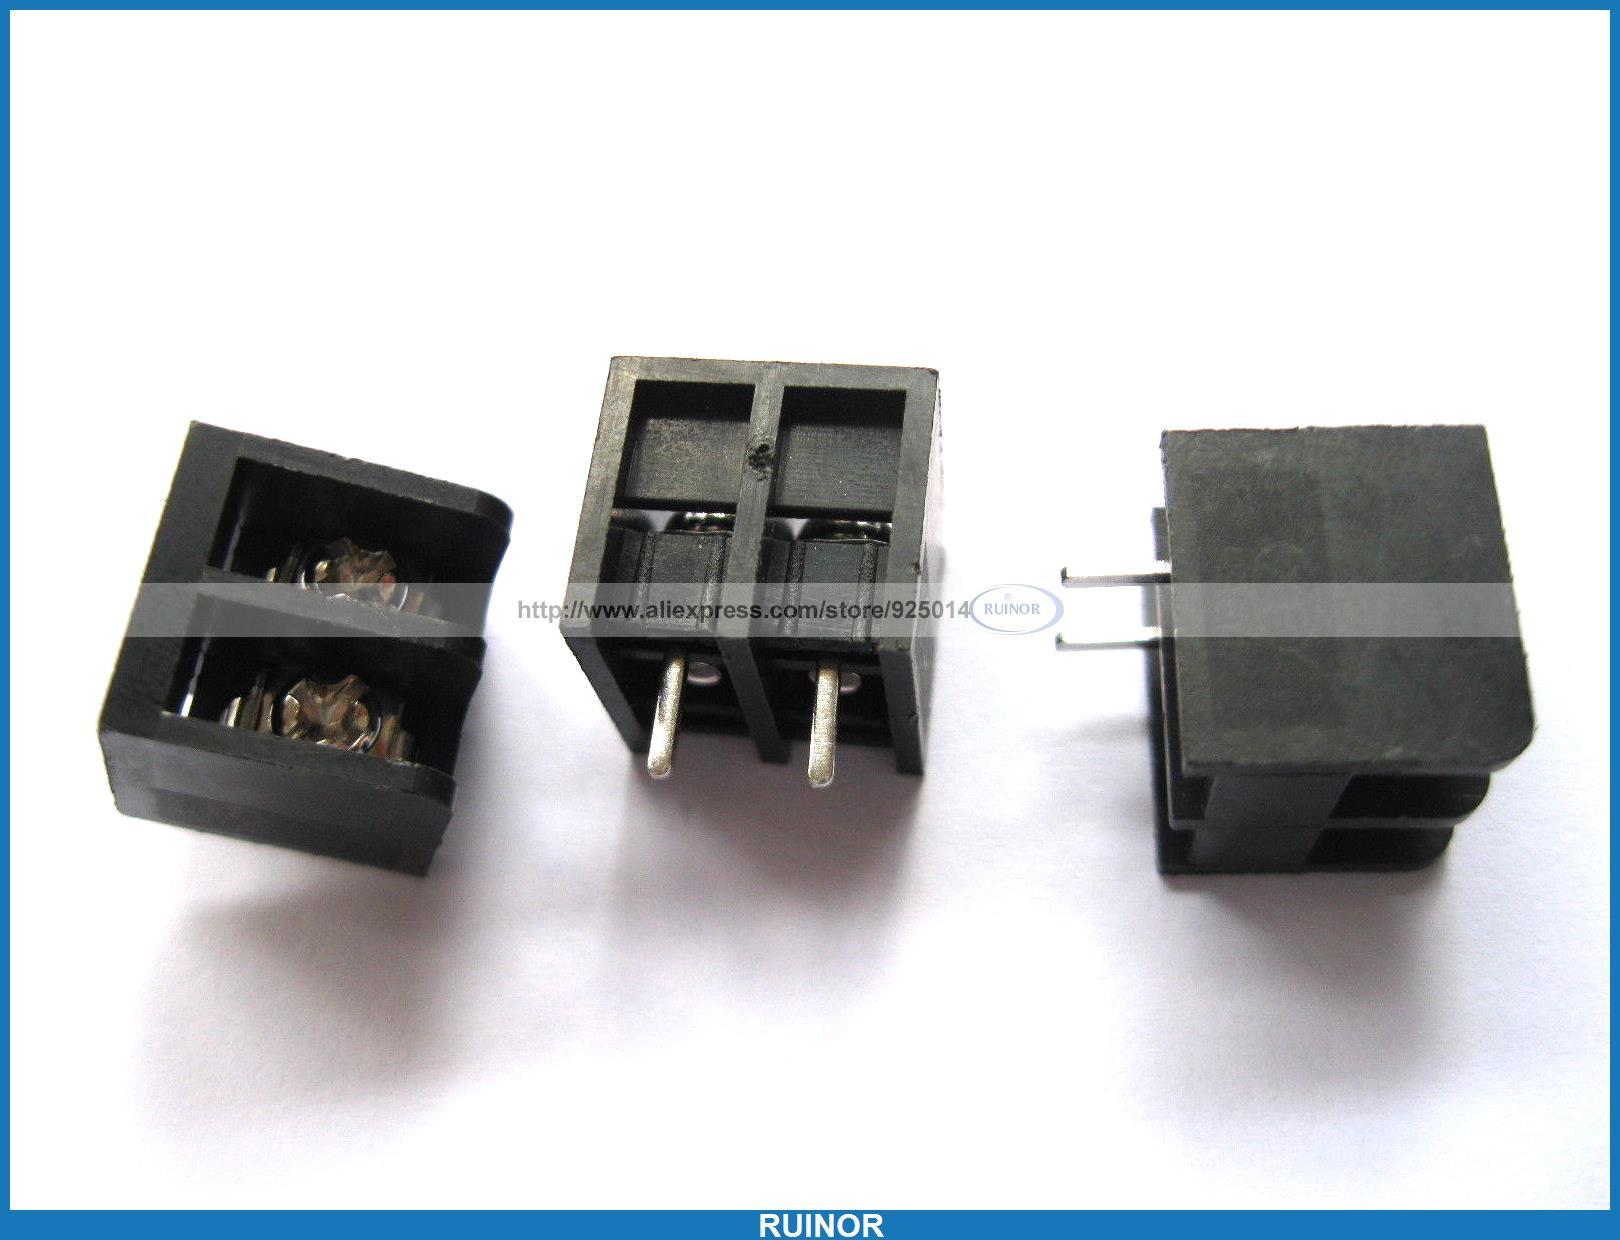 250 Pcs Black 2 Pin 8 25mm Screw Terminal Block Connector Barrier Type DC39B 50pcs hss twist drill bit set titanium coated high speed steel drill bit set woodworking wood tool 1 1 5 2 2 5 3mm power tools